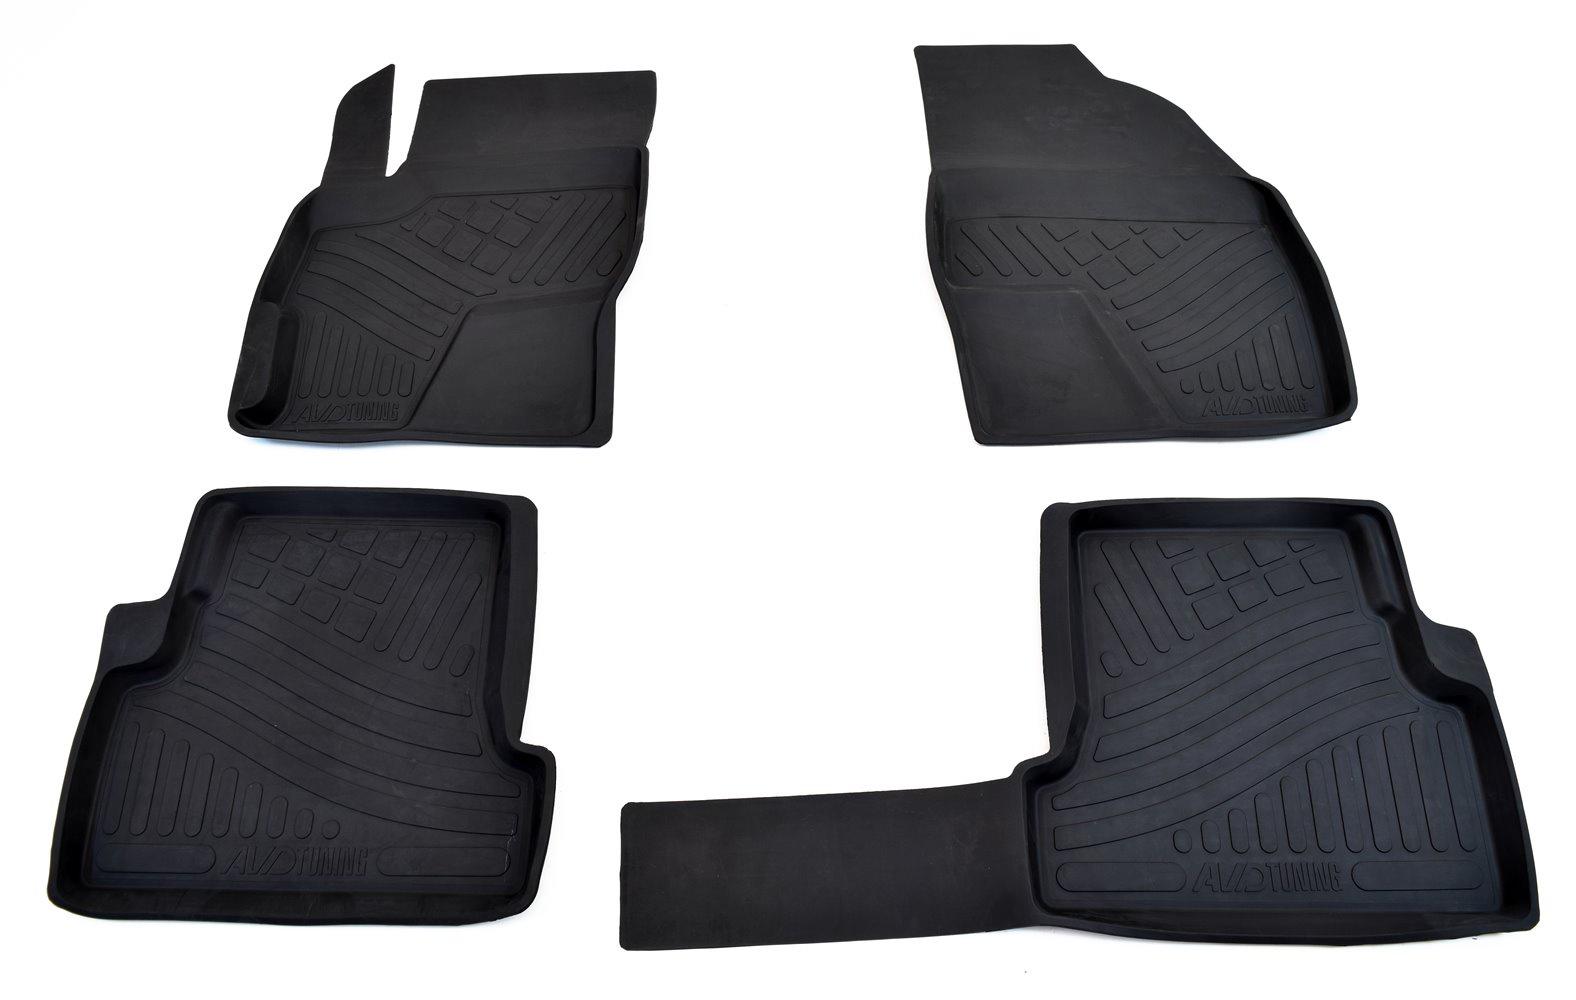 Коврики в салон автомобиля Avtodriver резиновые с бортиком для Chevrolet Orlando (из 7-ми) (2011-), Adrplr017, черный коврики салона avtodriver для renault duster передний привод 2011 adrjet023 резиновые с бортиком черный